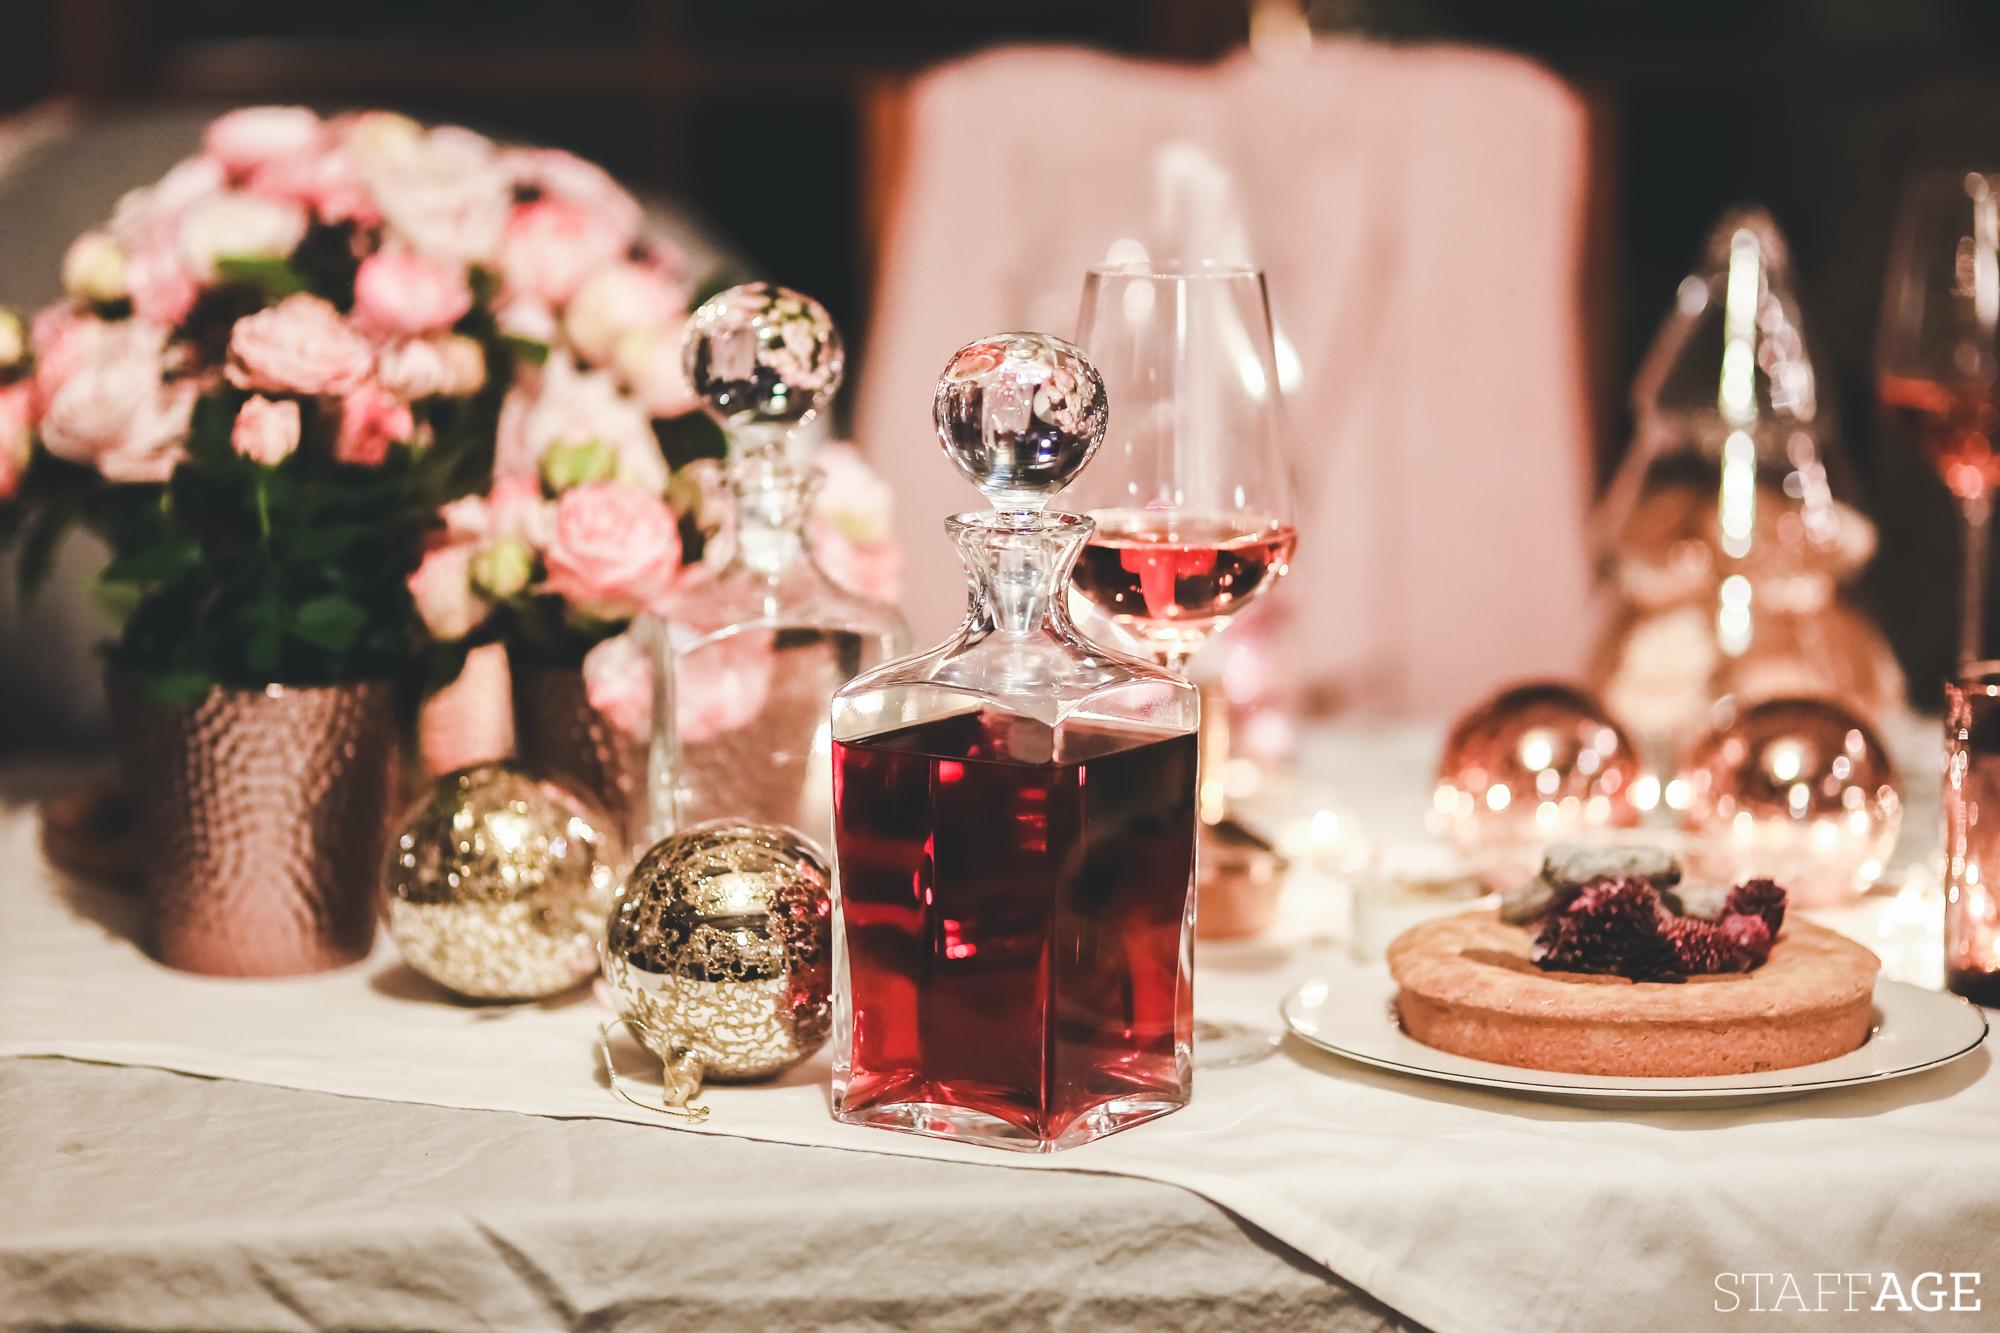 14 Staffagepl wigilijny stol pomysly na jadalnie swiateczne aranzacje chrstmas table settings ideas interior design winter flowers tableware